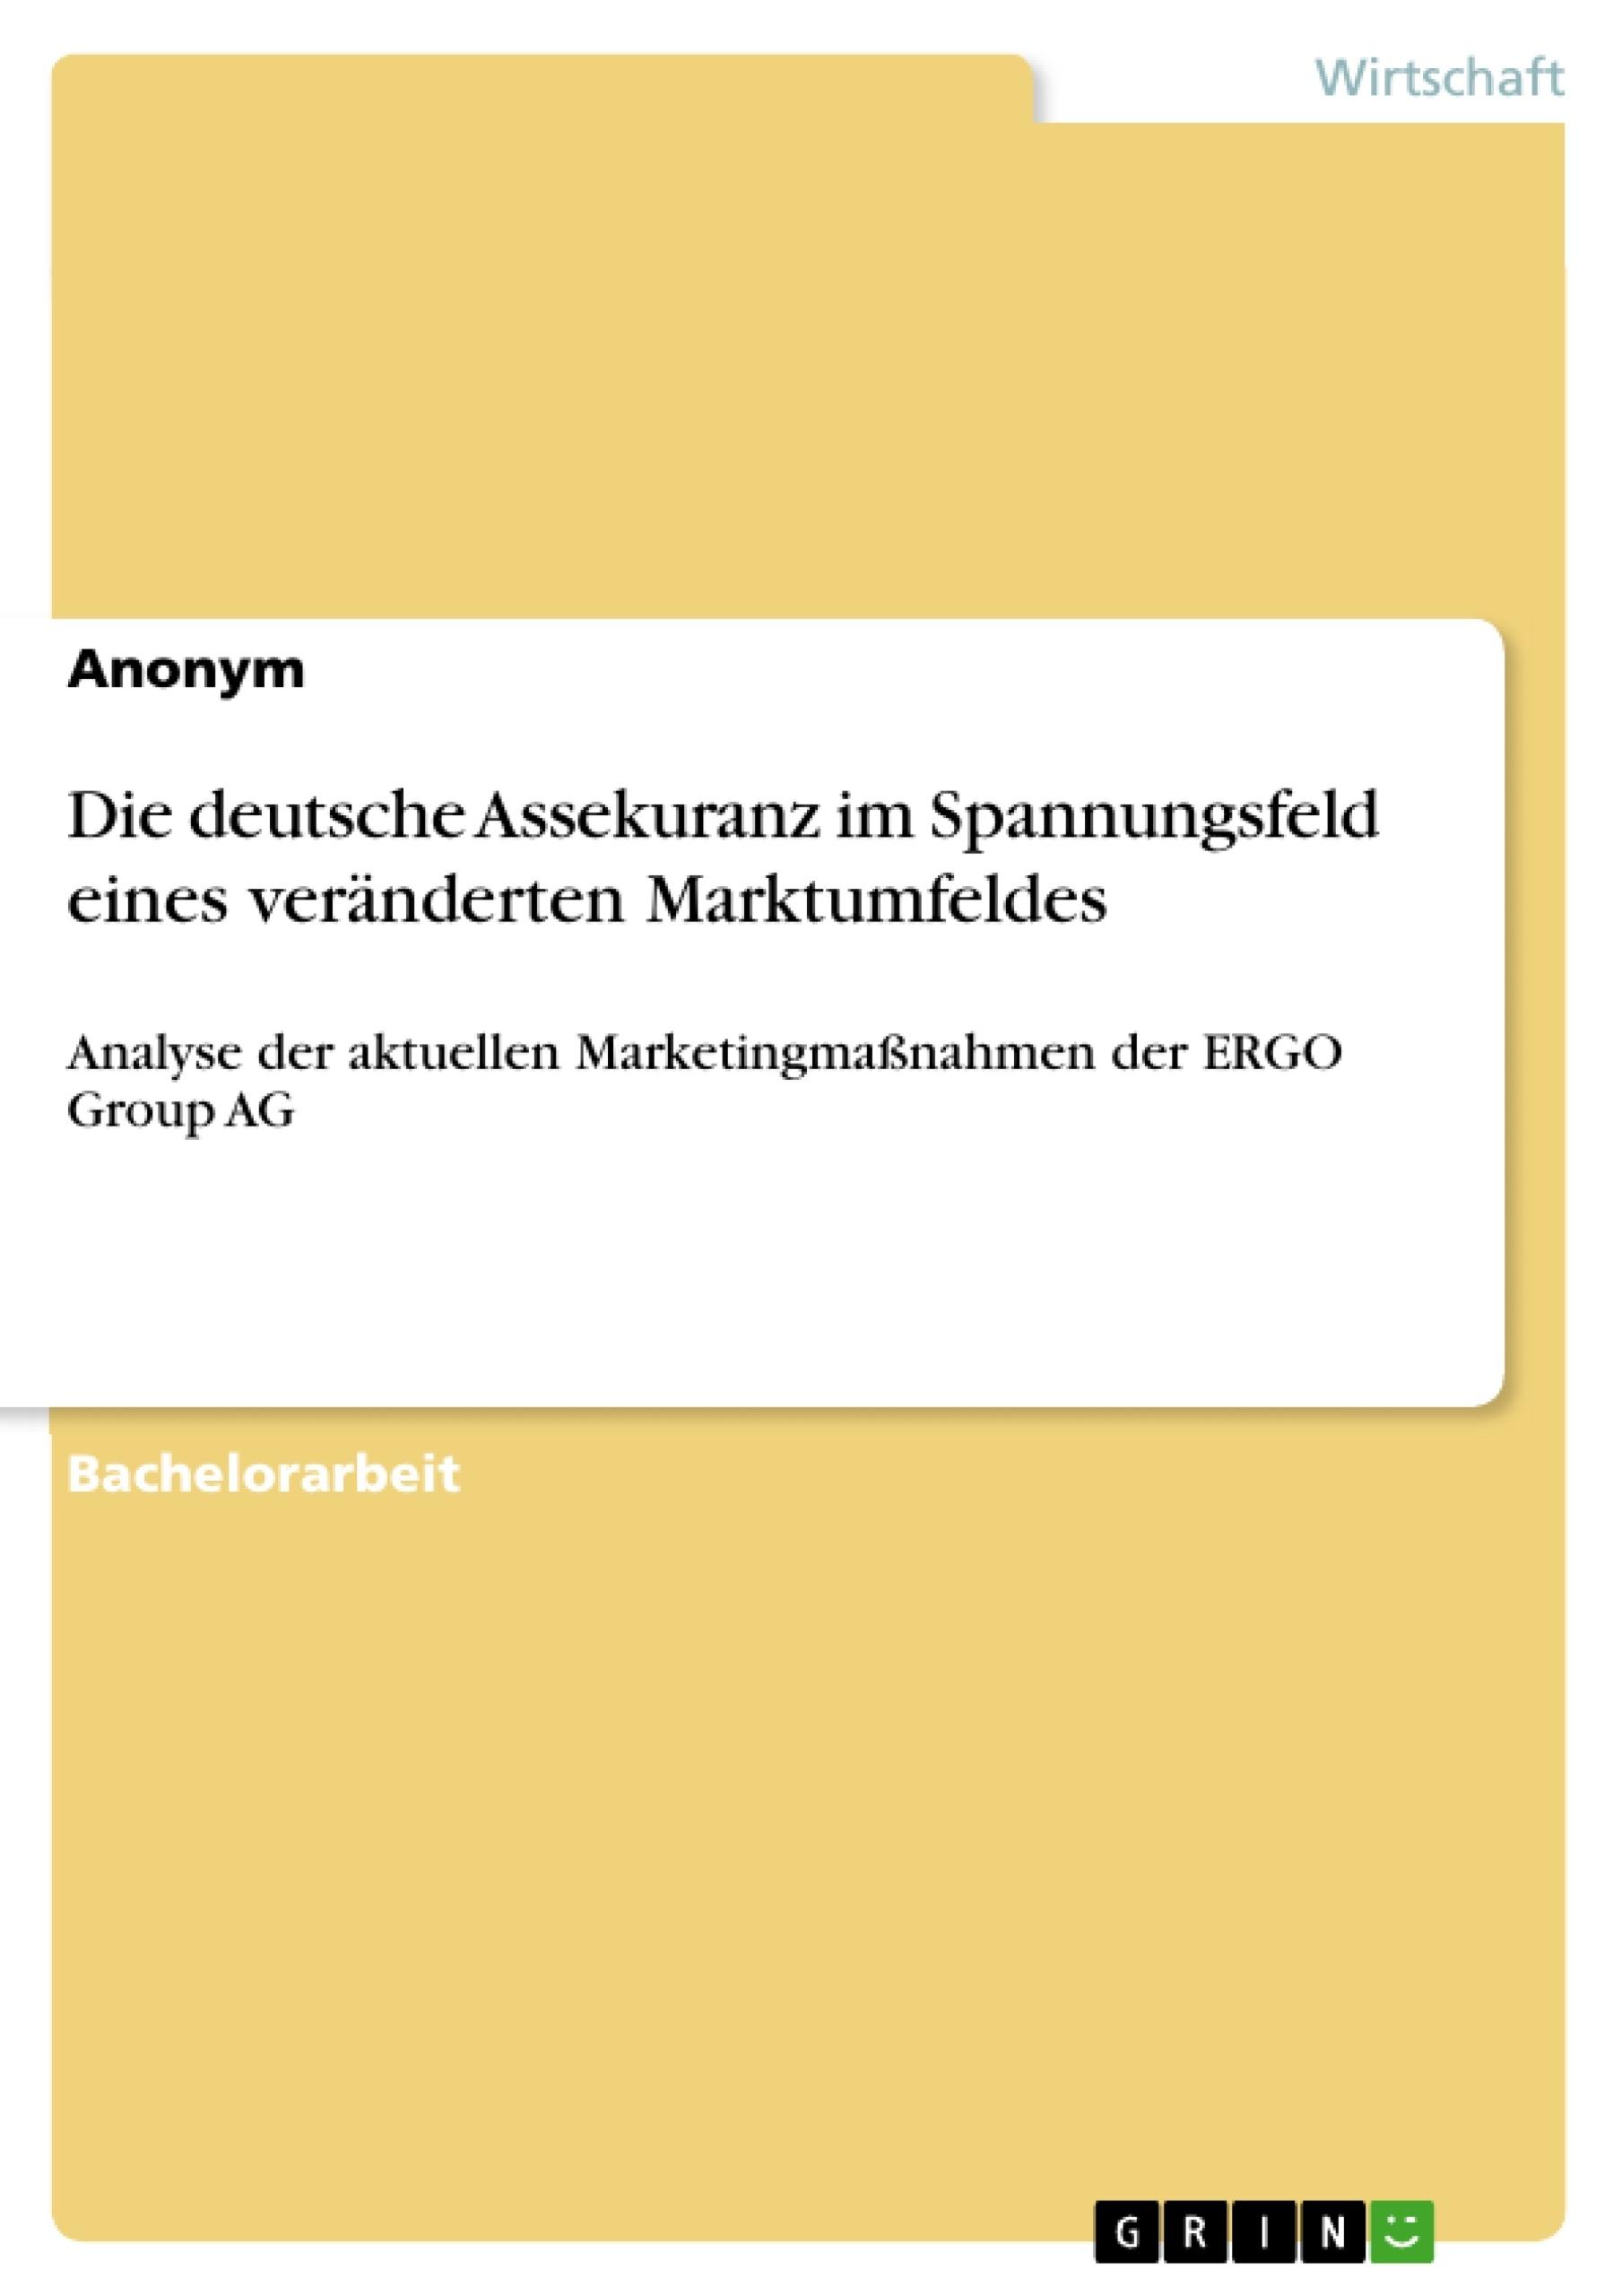 Titel: Die deutsche Assekuranz im Spannungsfeld eines veränderten Marktumfeldes